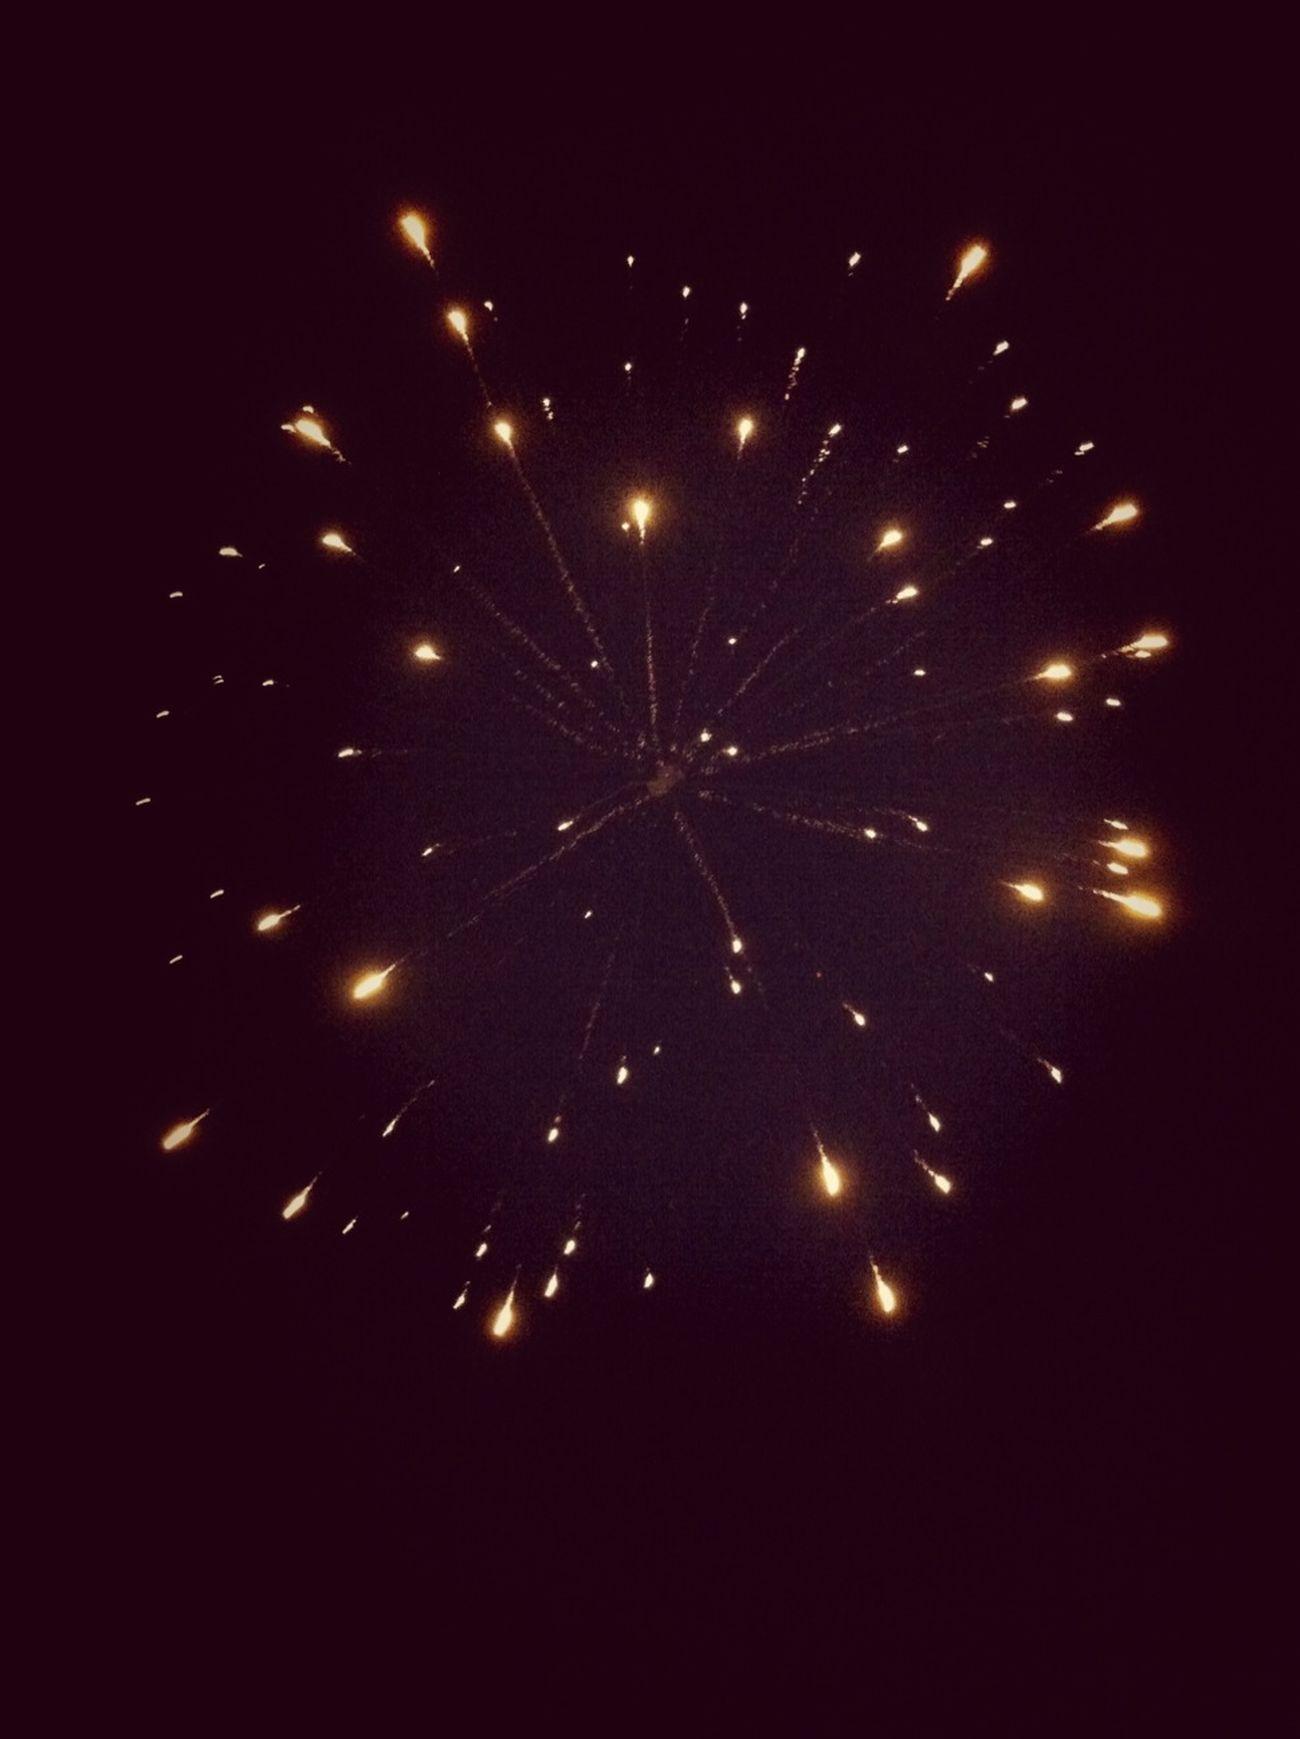 14 Juillet Fireworks